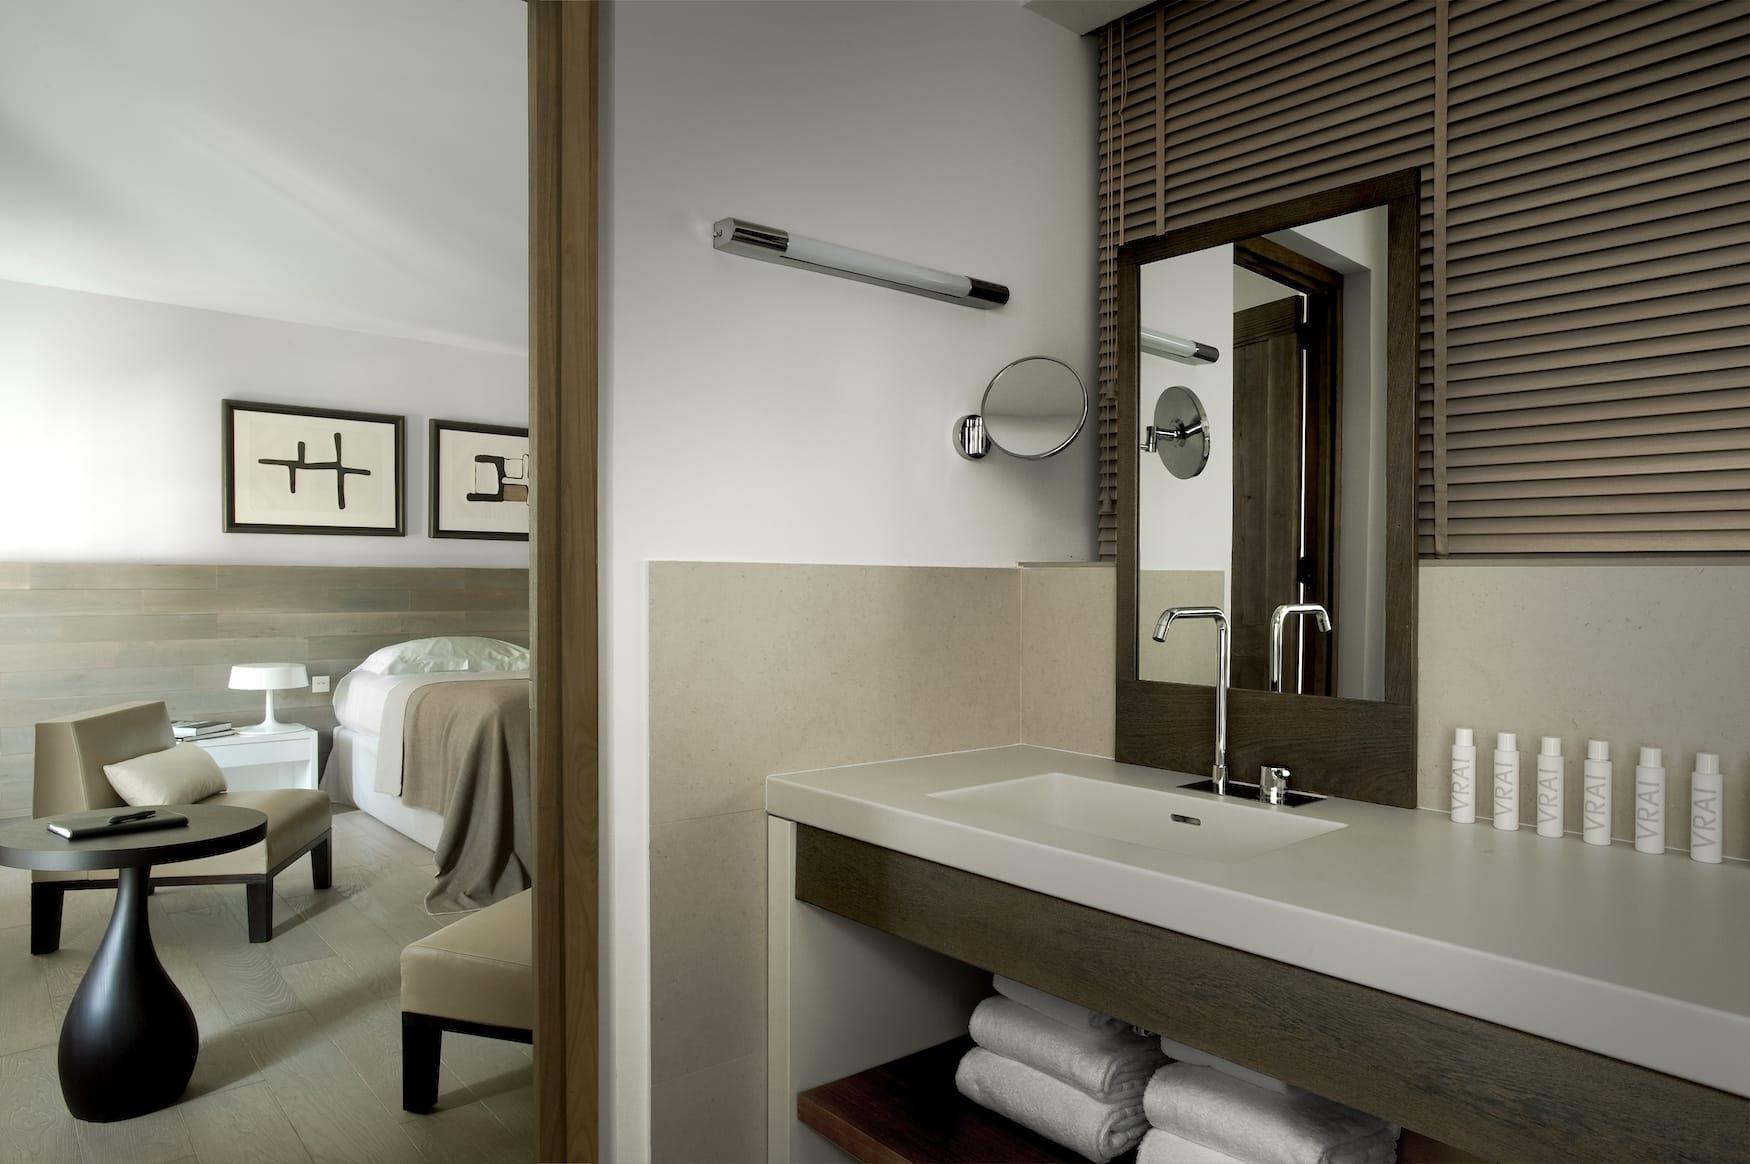 Hotelzimmer in neuem Hotel auf Korsika, minimalistisches Interior